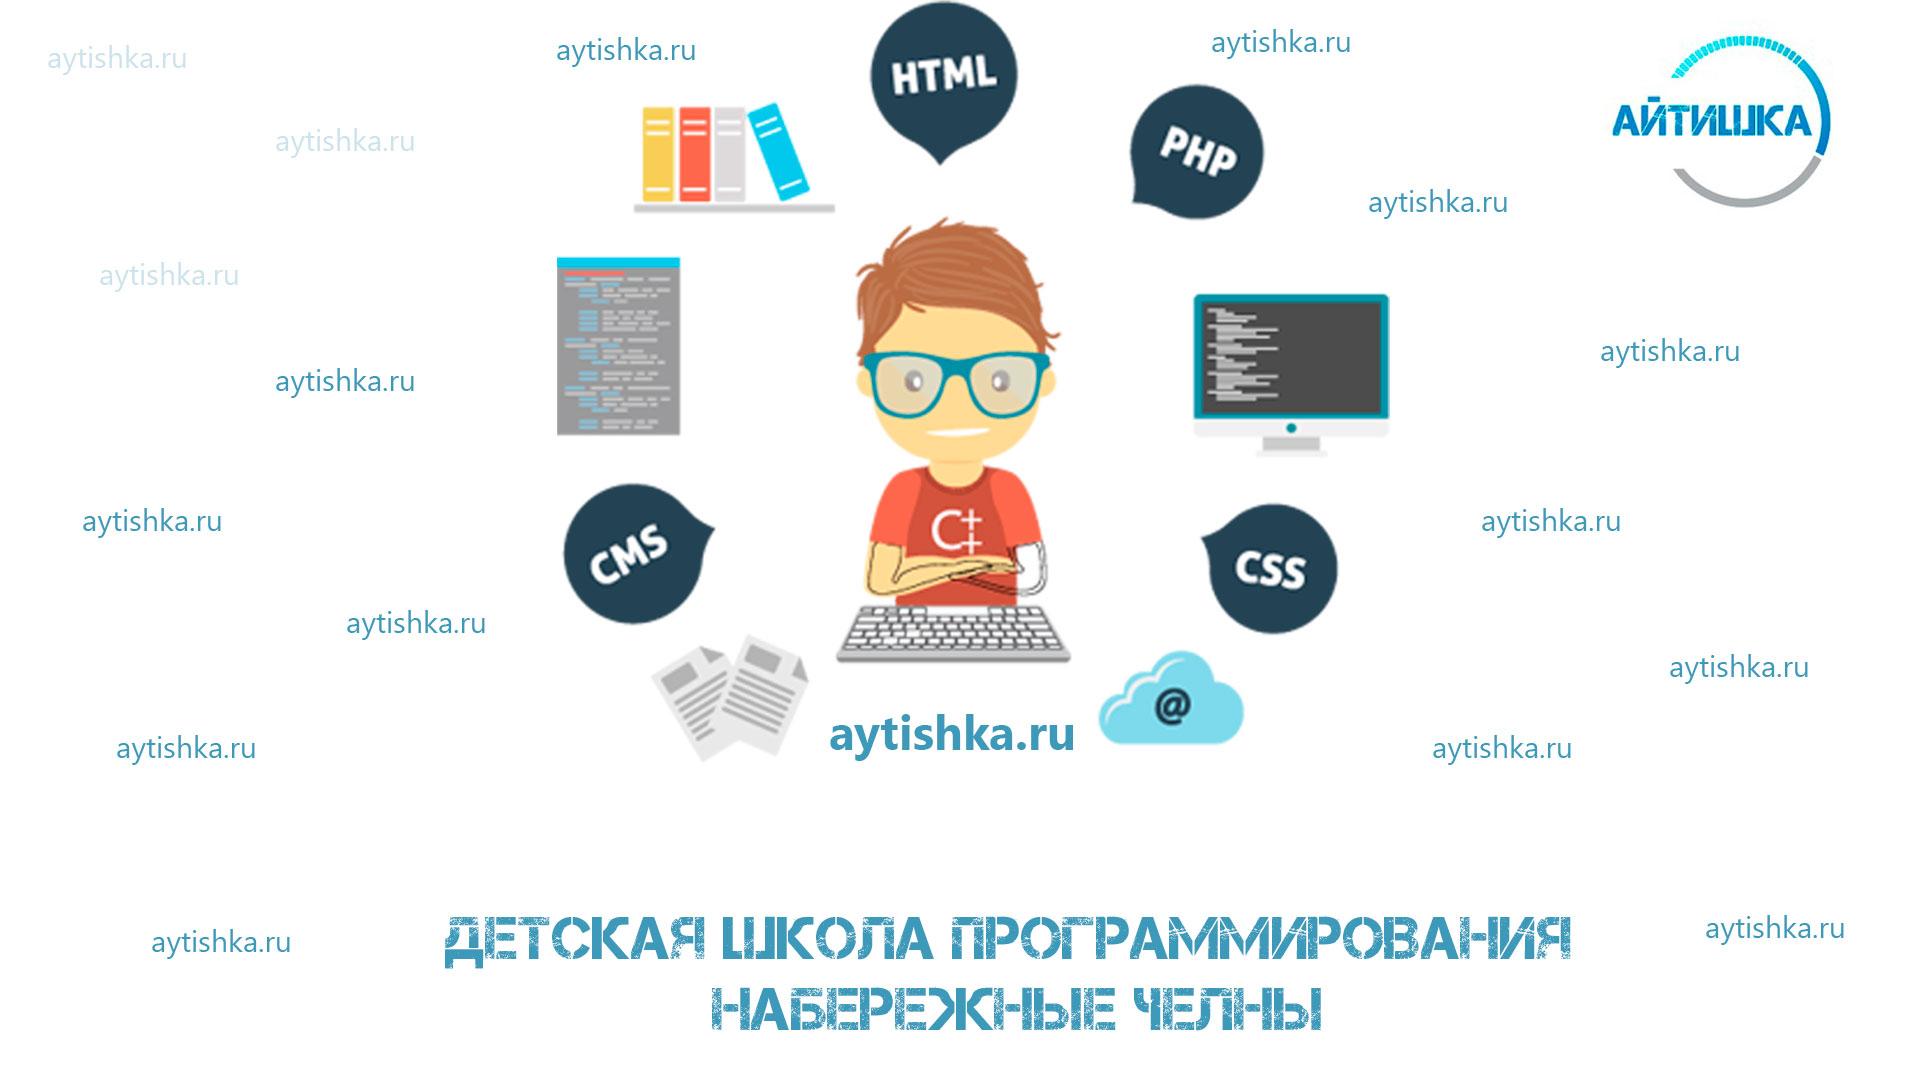 детская школа программирования и компьютерных курсов для детей в Набережных Челнах